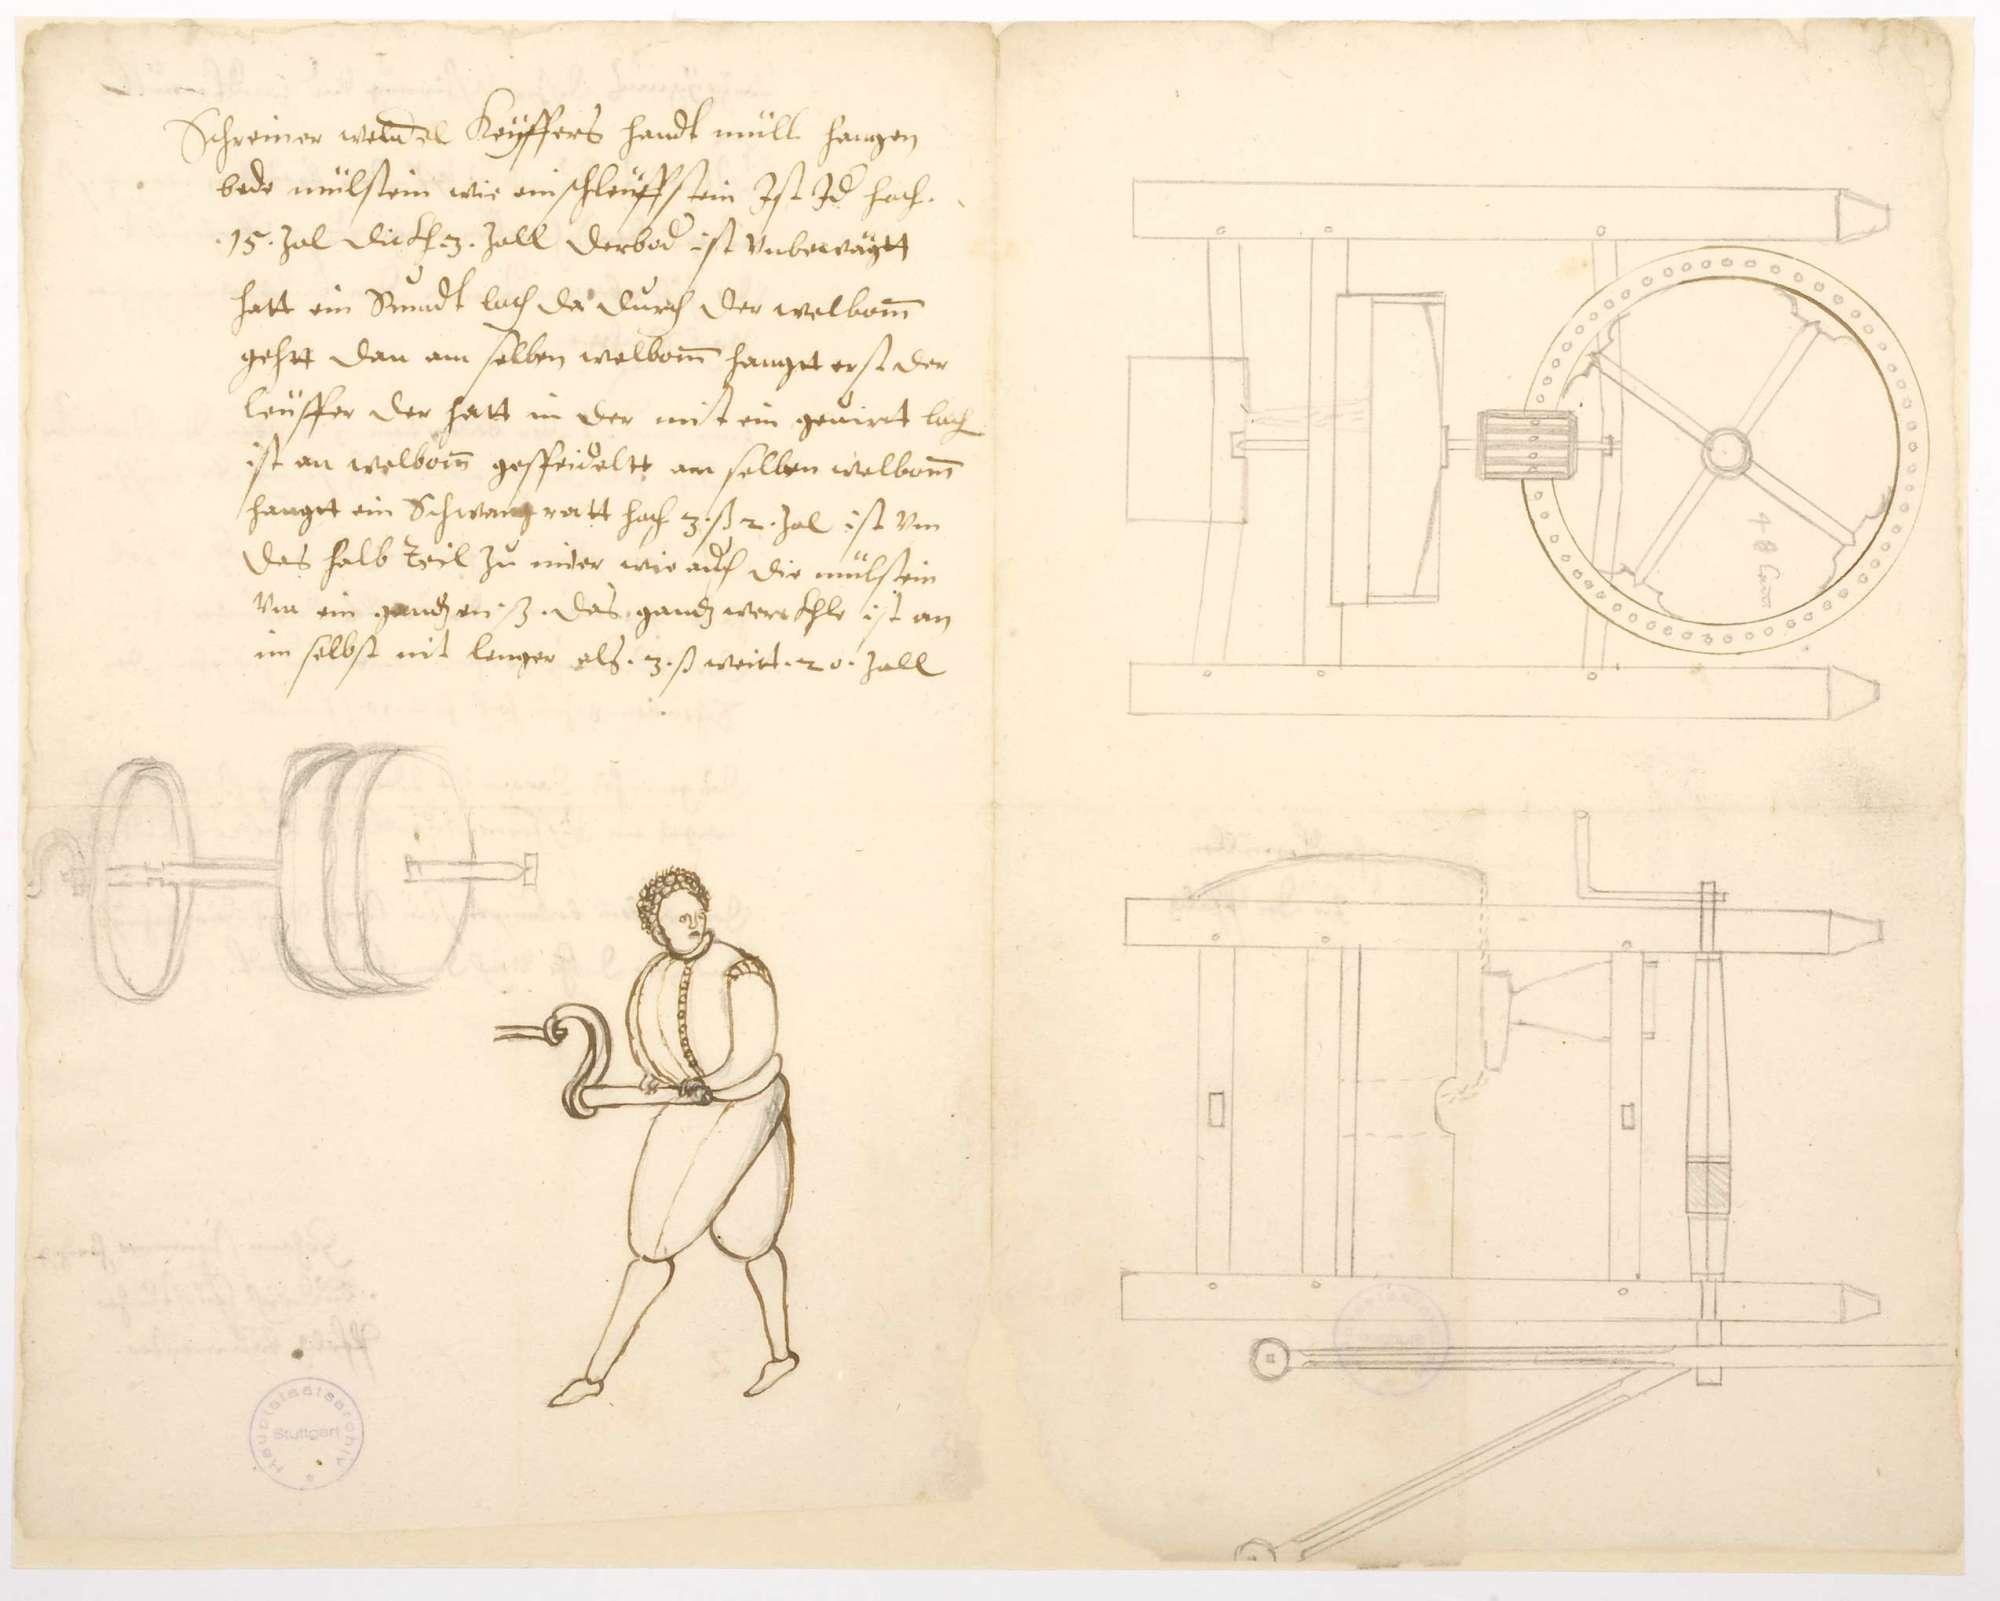 Handmühle von Johann Steinmer, Baumeister des Herzogs Ludwig (Philipp) von der Pfalz, Bild 2